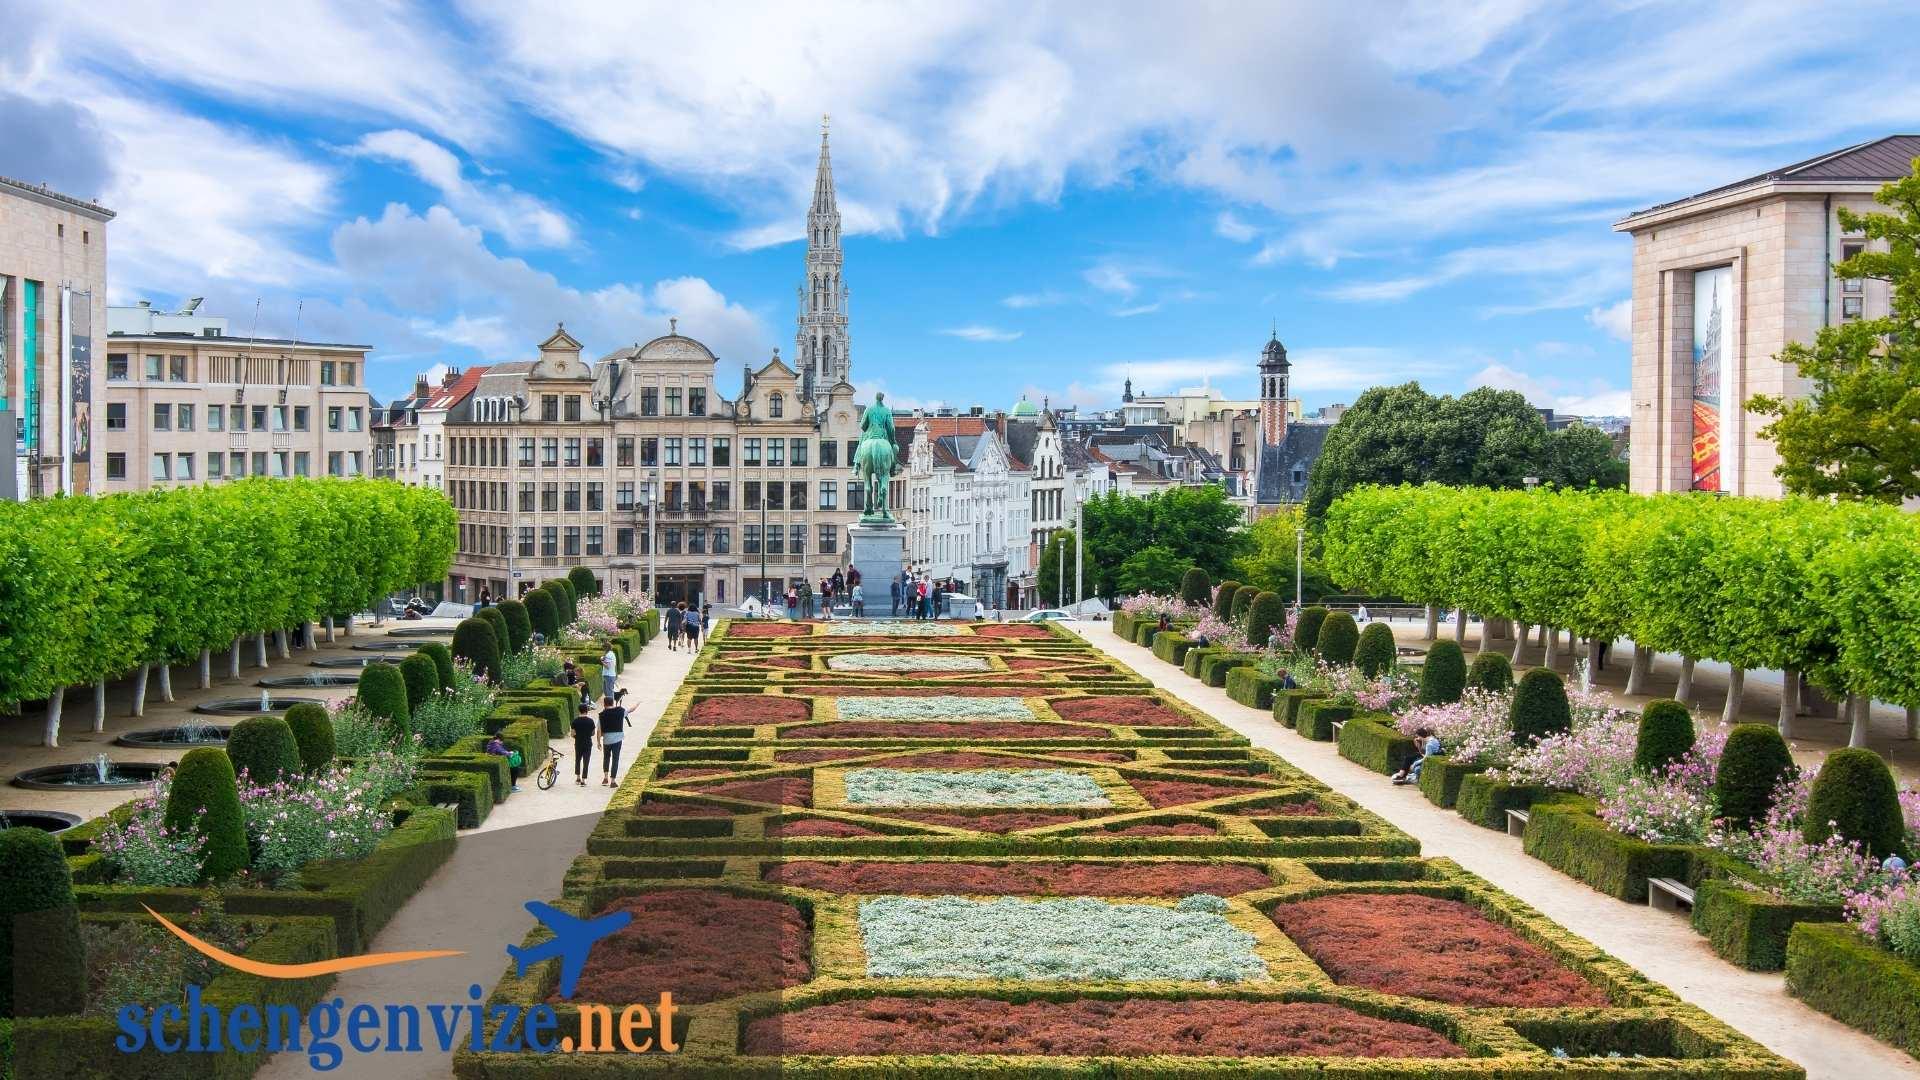 Belçika Erasmus Vizesi İçin Gerekli Olan Evraklar